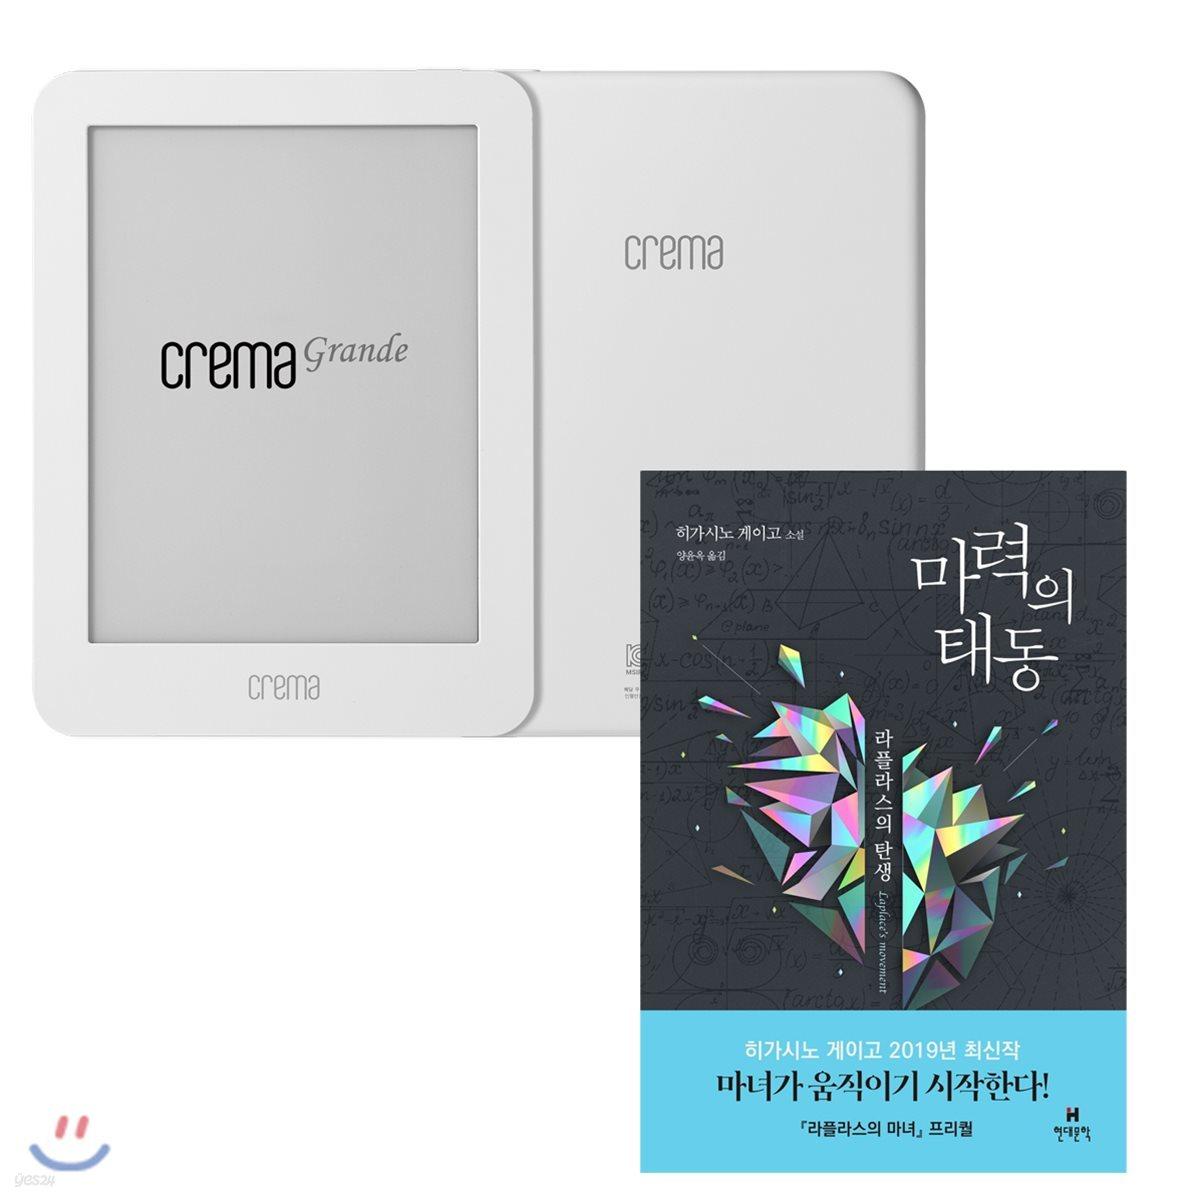 예스24 크레마 그랑데 (crema grande) : 화이트 + 마력의 태동 eBook 세트